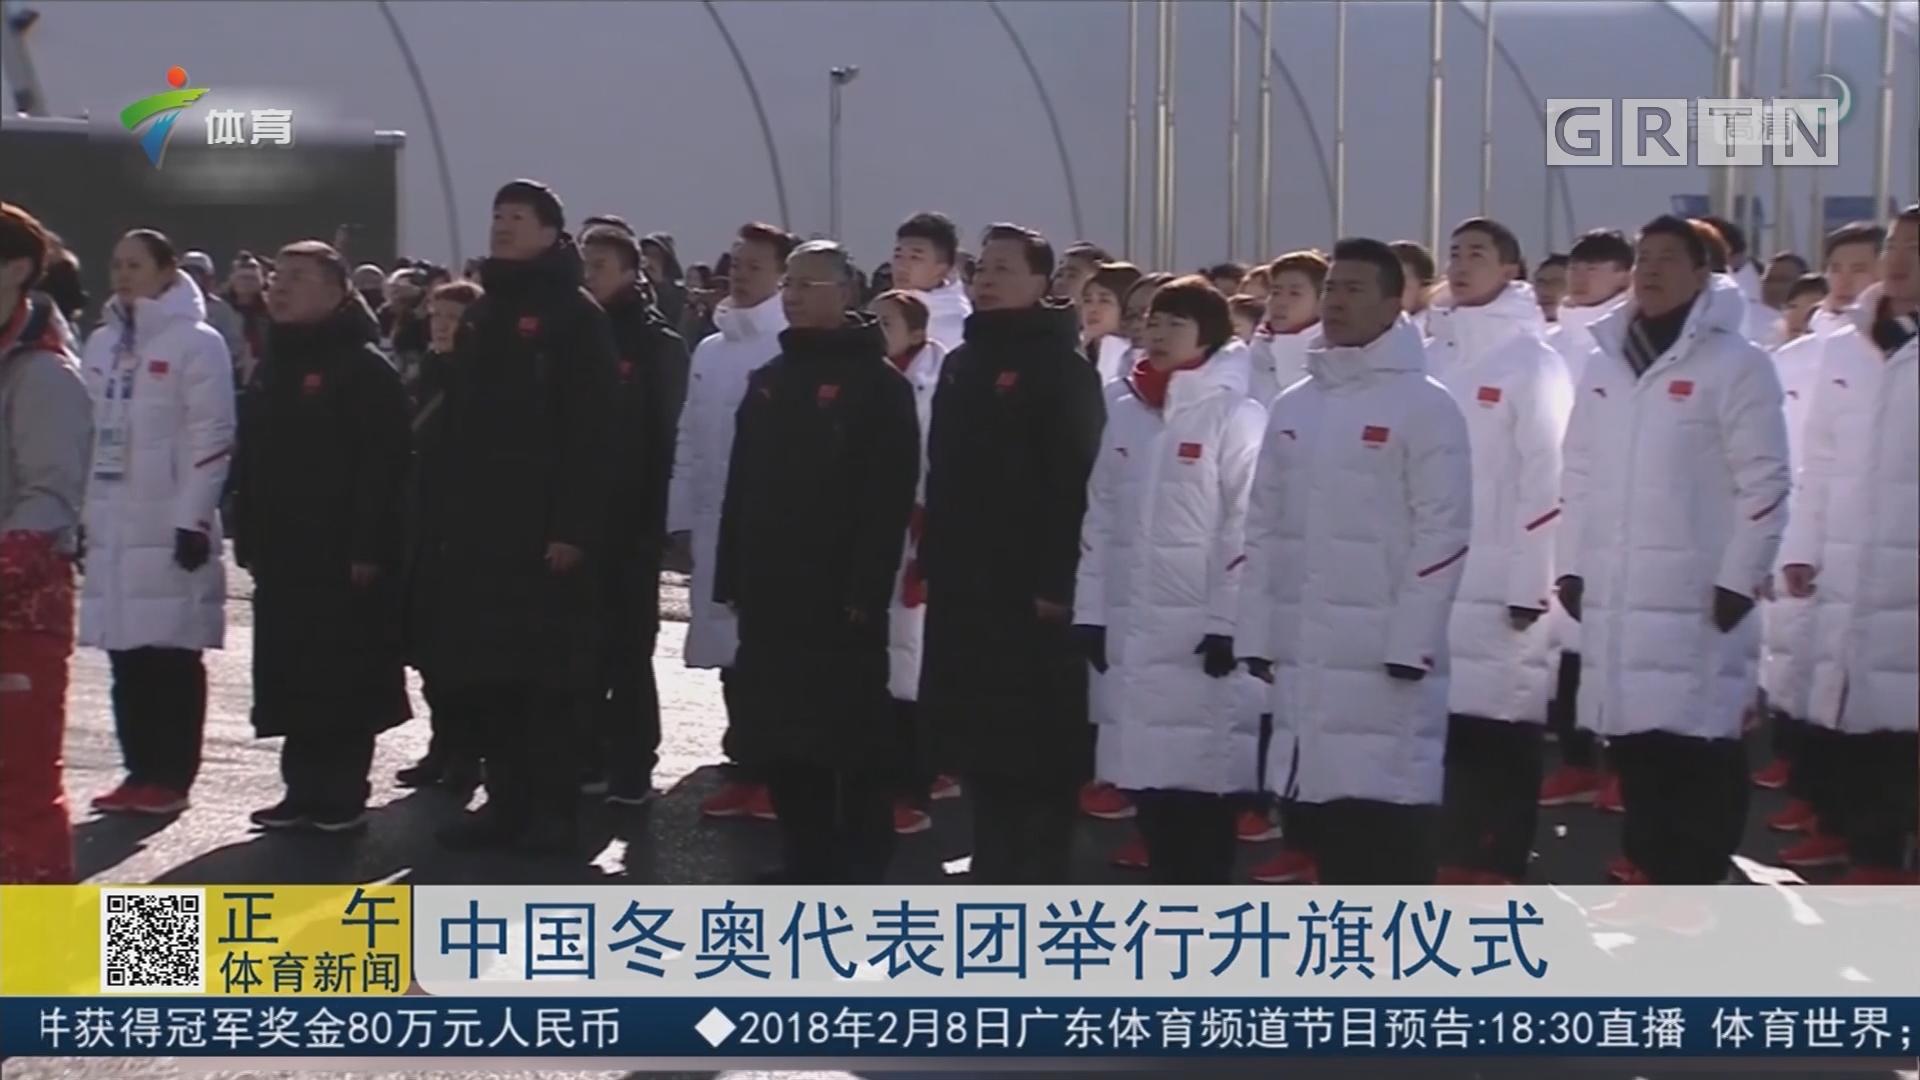 中国冬奥代表团举行升旗仪式